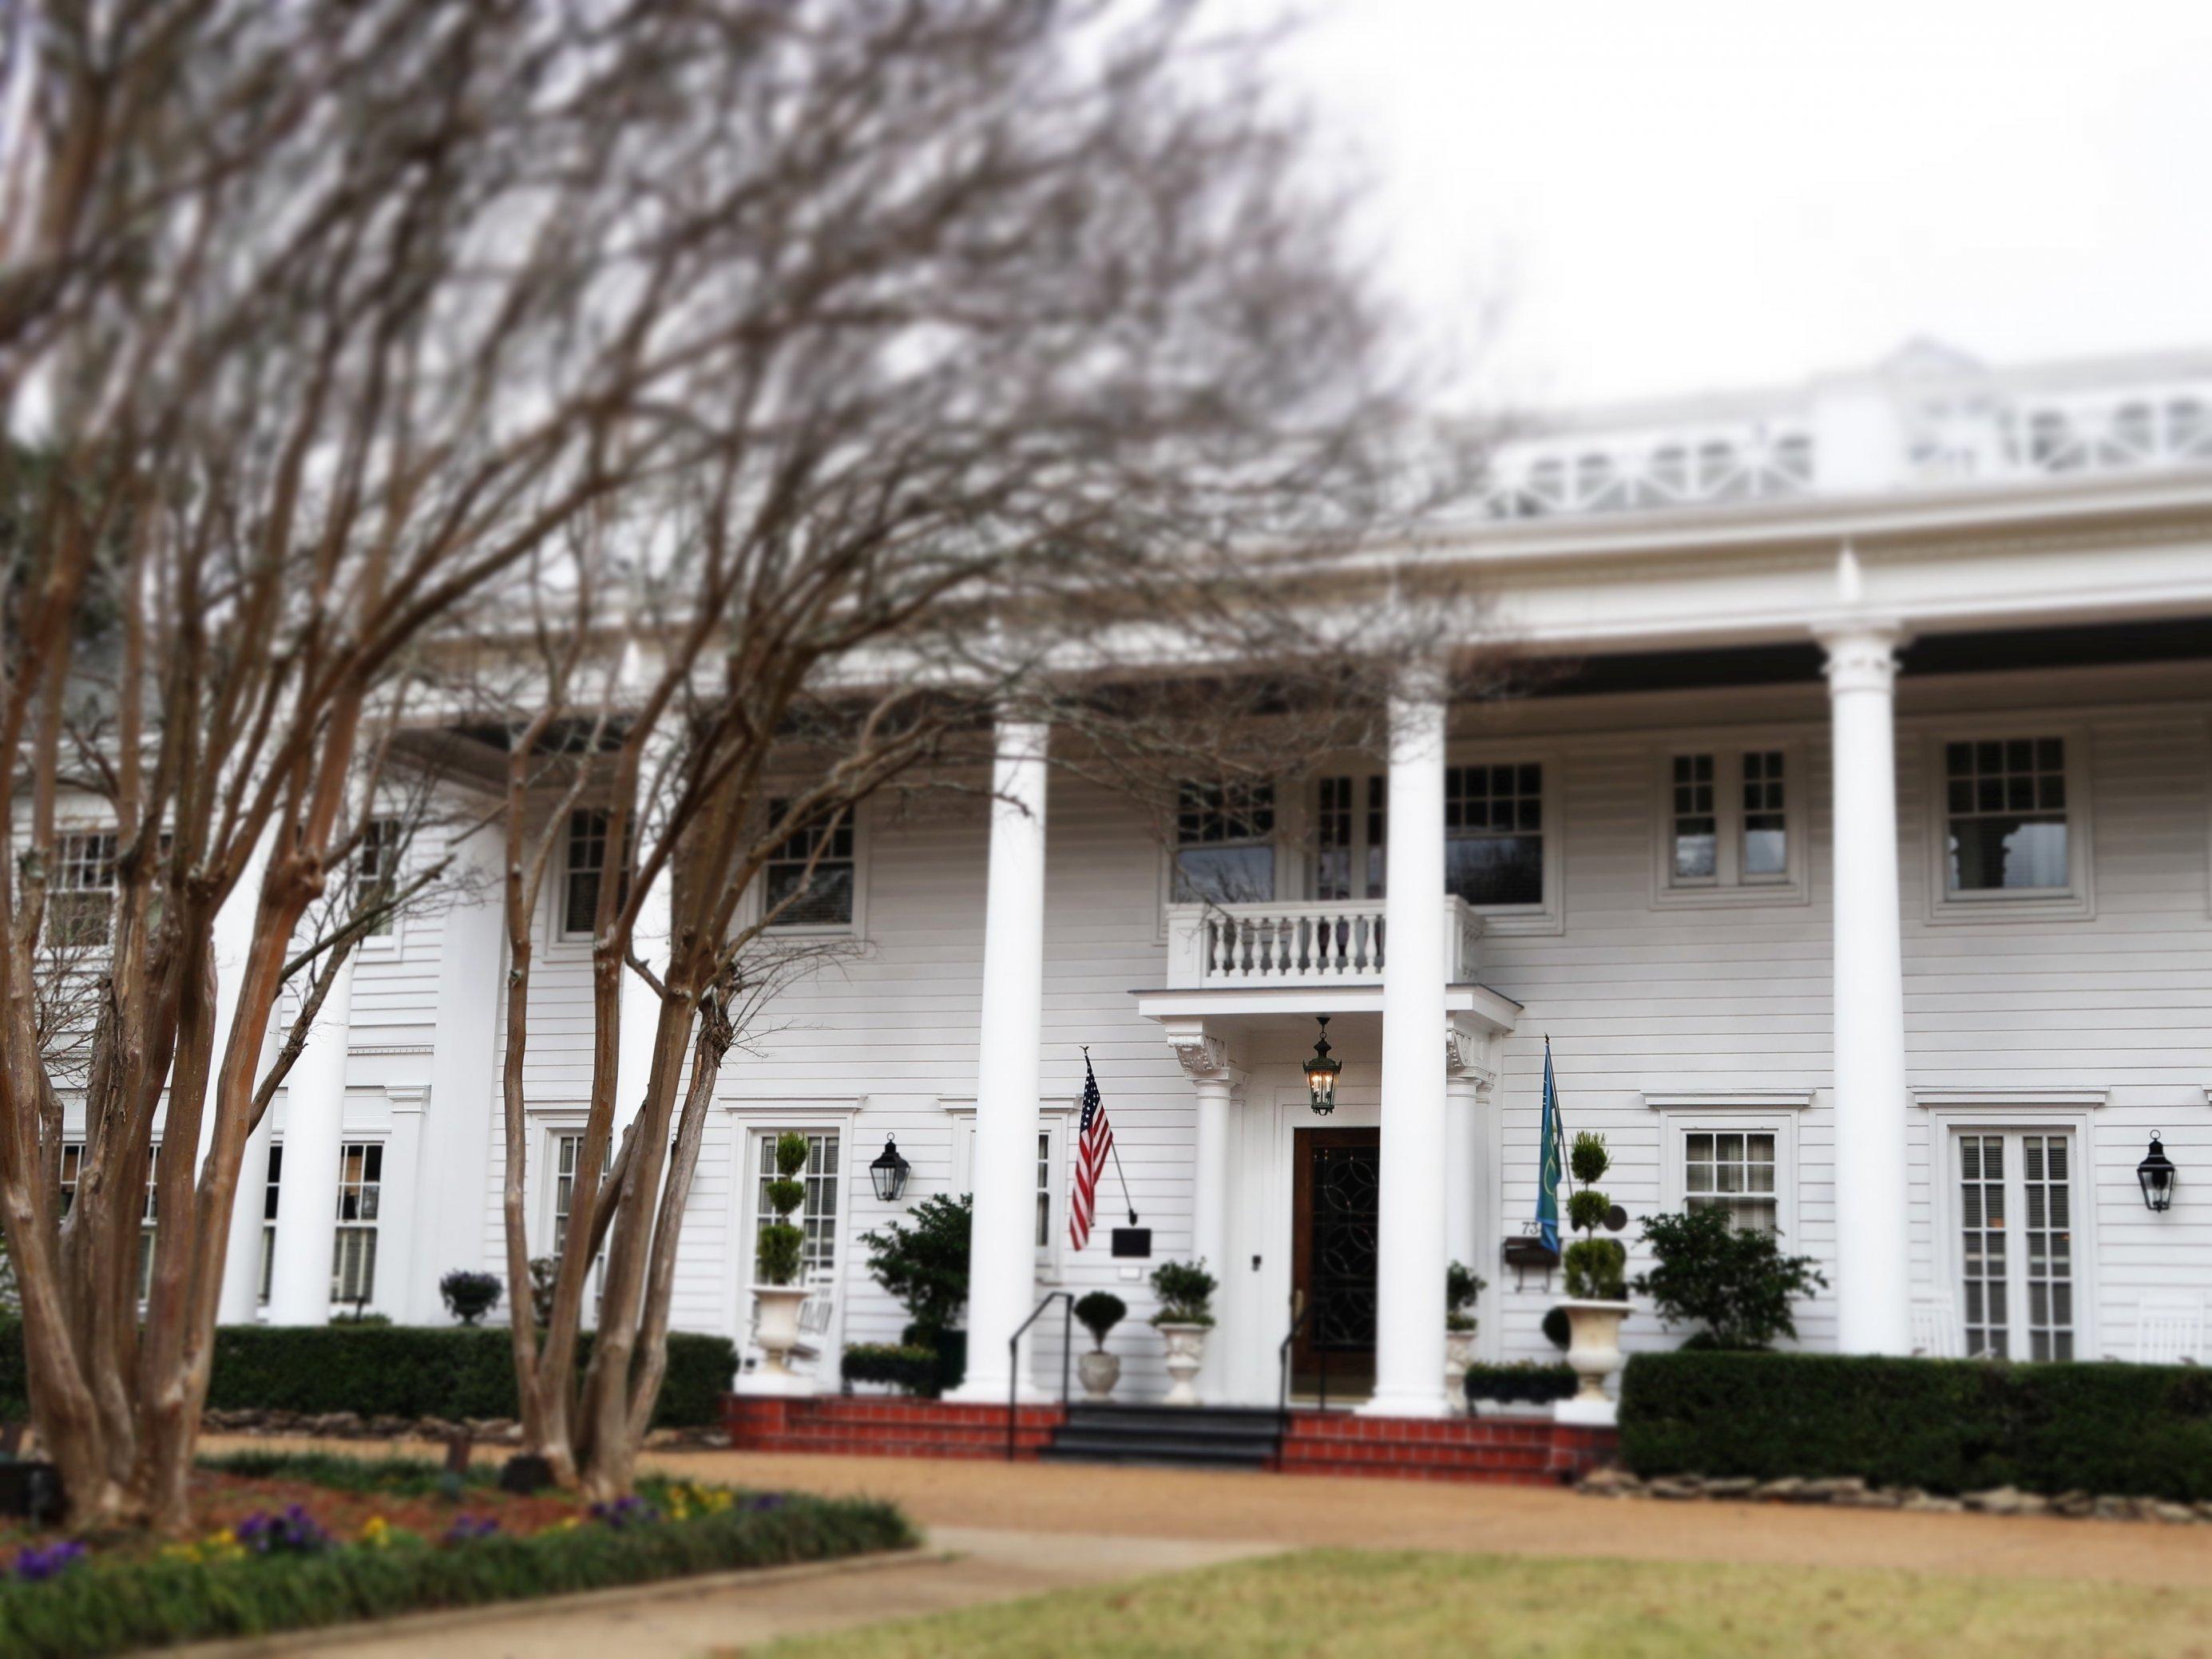 Ein weißes Herrenhaus im Südstaaten-Stil.